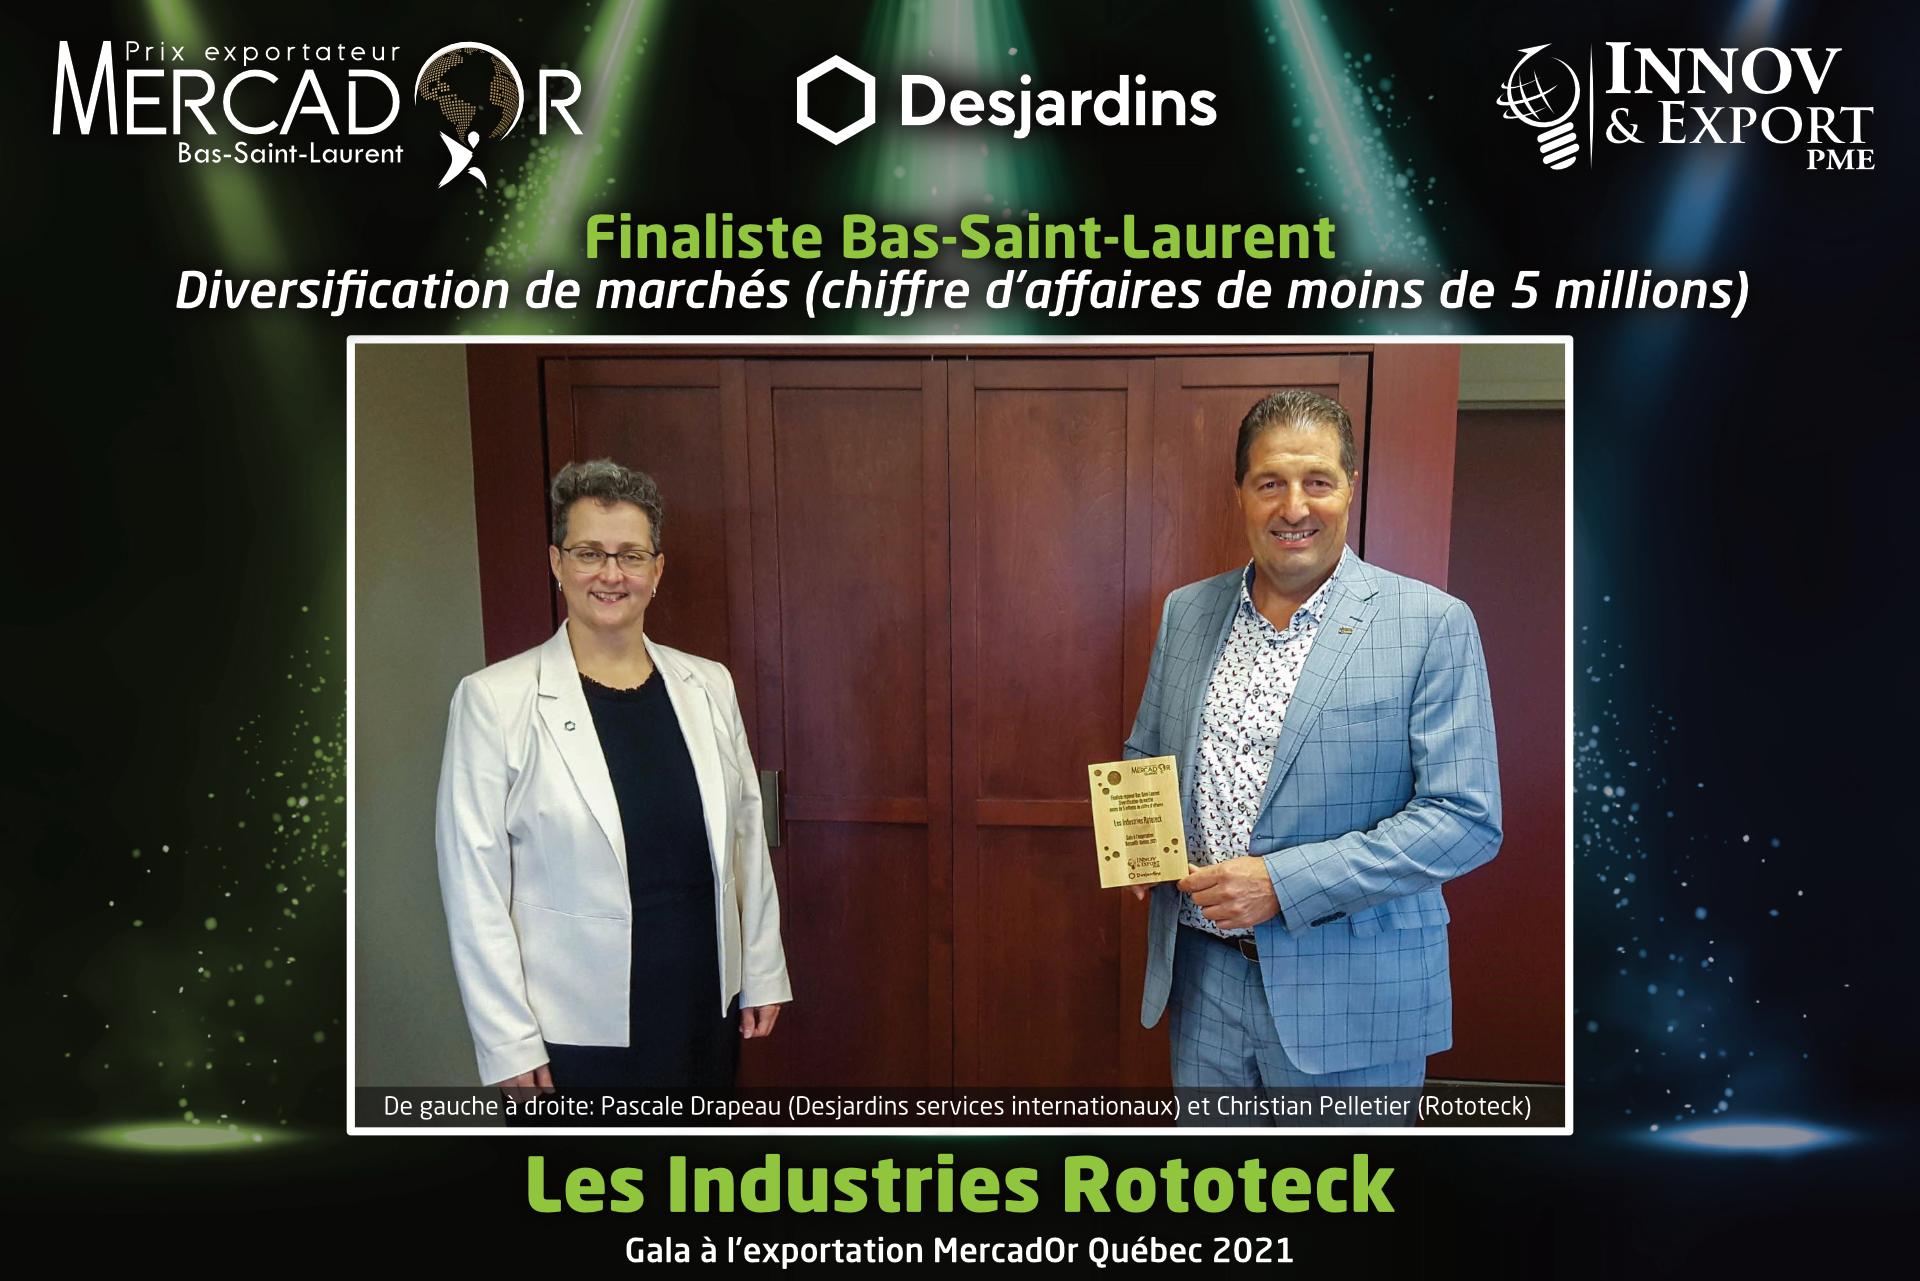 Rototeck lauréat Mercador Québec 2021 région du Bas-Saint-Laurent